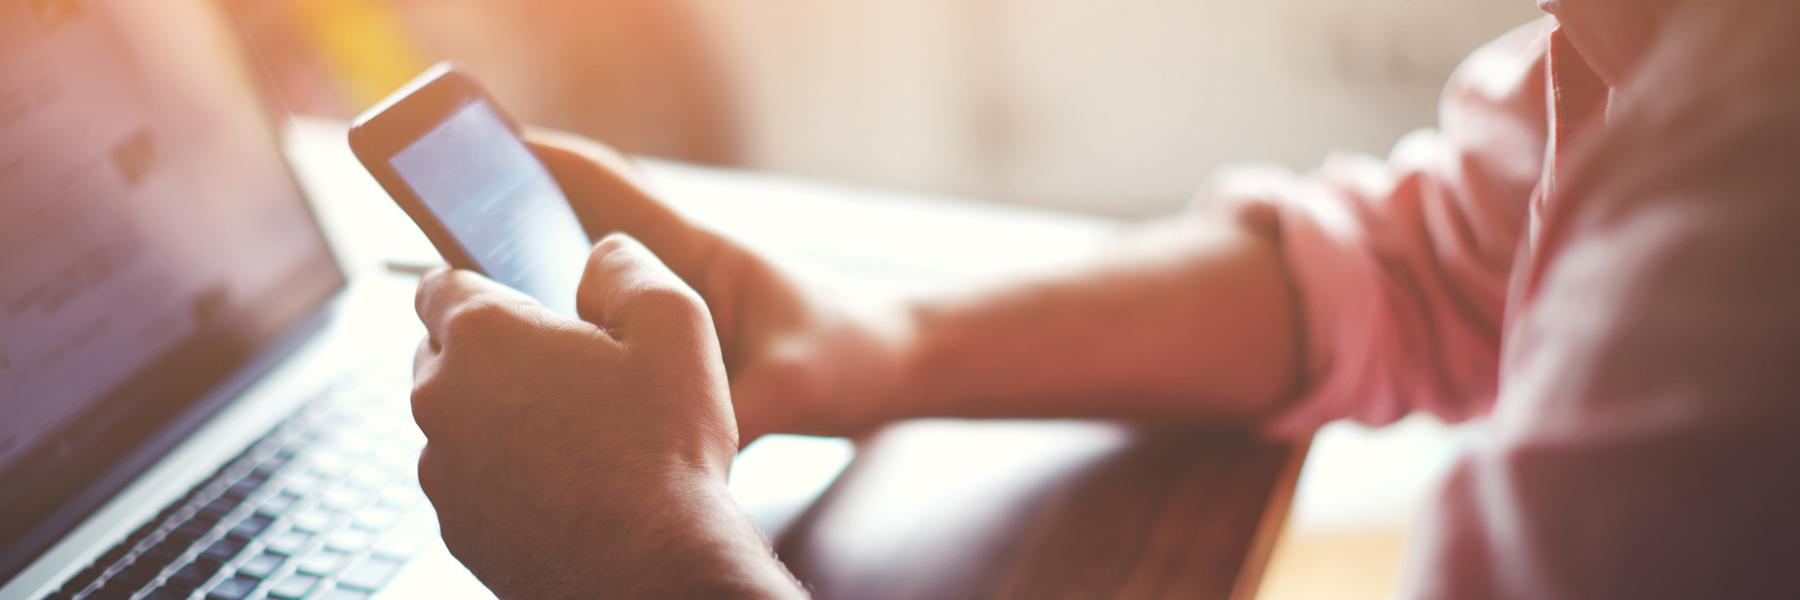 Das Bild zeigt zwei männliche Hände, die ein Smartphone bedienen.